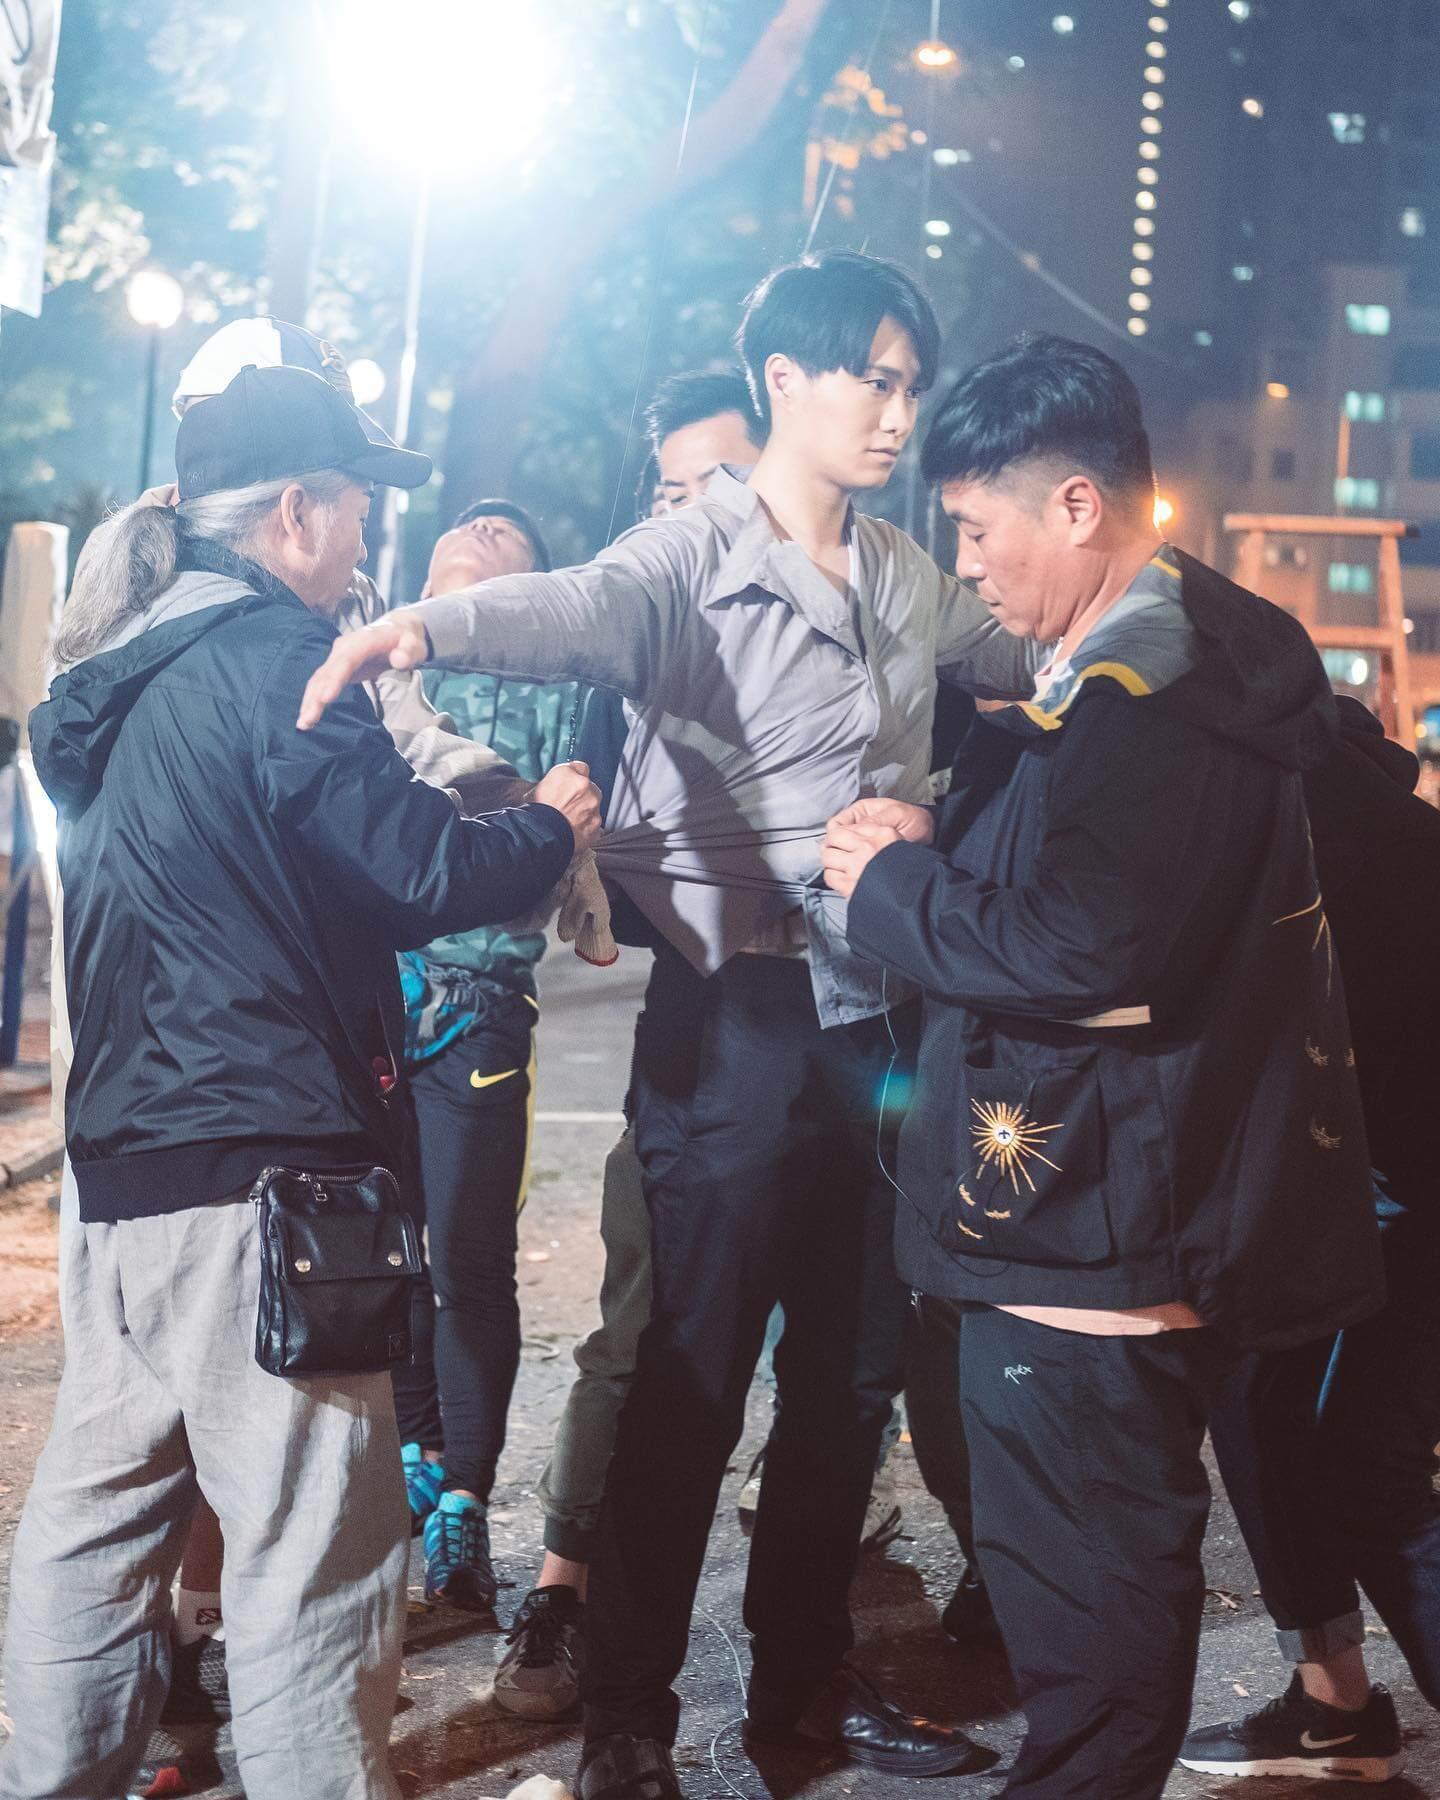 胡鴻鈞拍攝吊威也戲分,當然要做足安全措施。